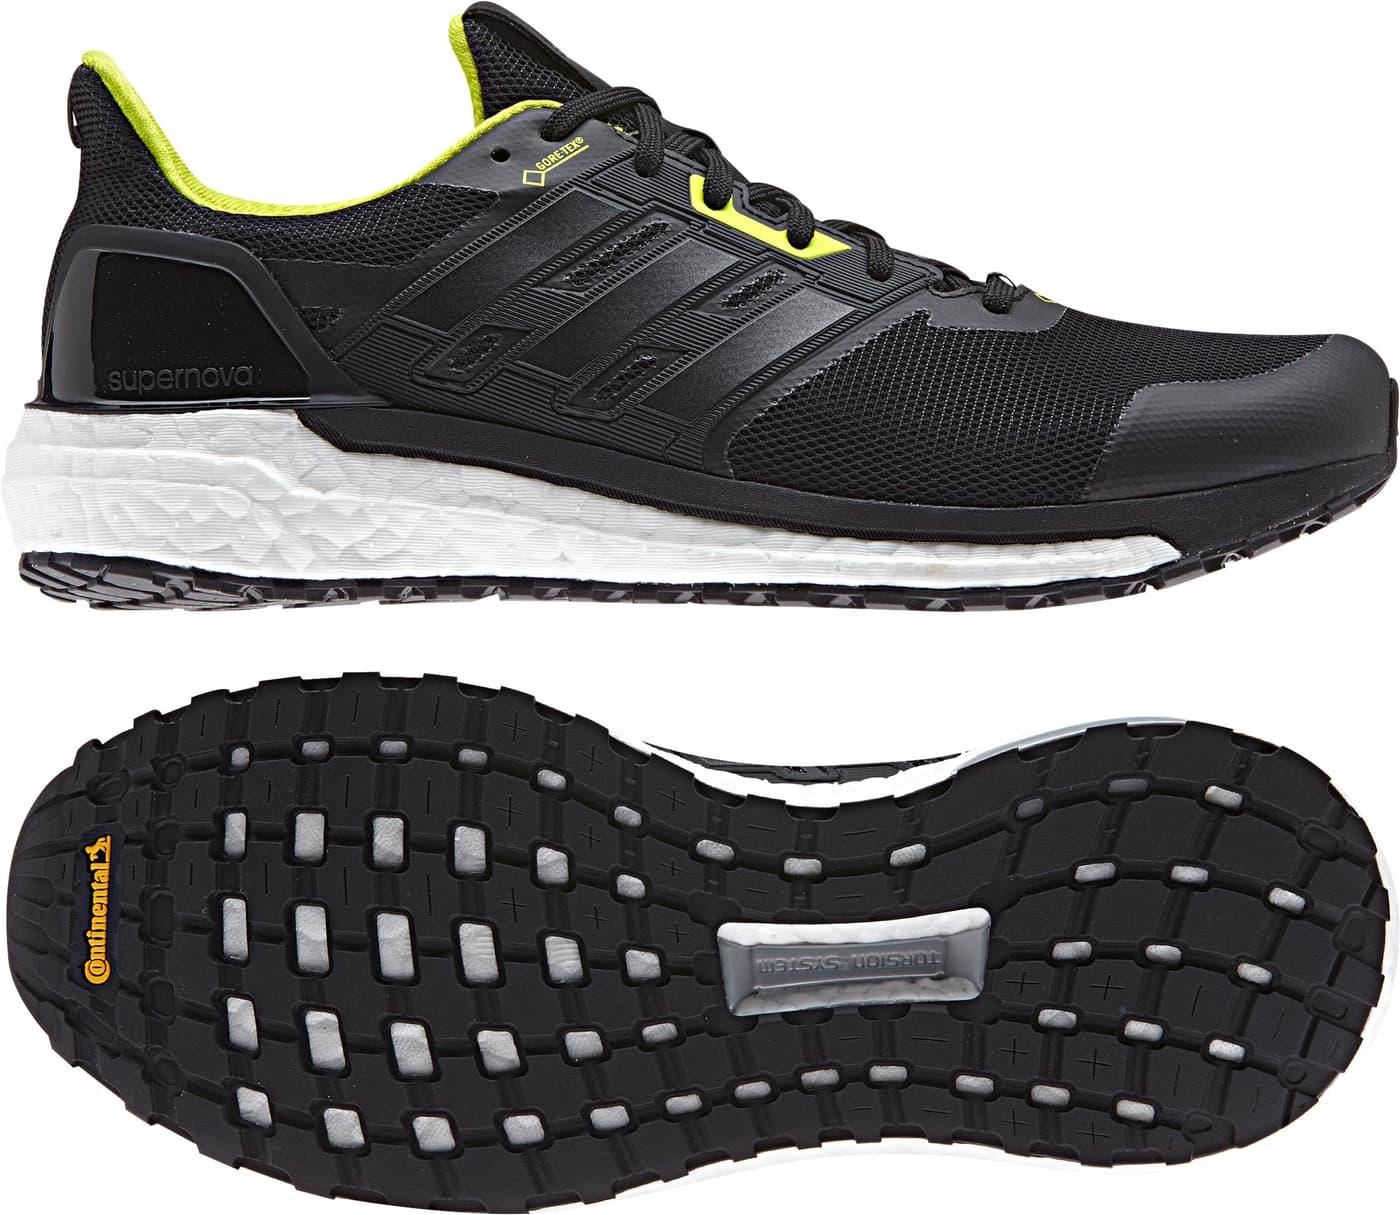 Supernova Pour Homme Gtx De Chaussures Adidas Course l1cTuJ3FK